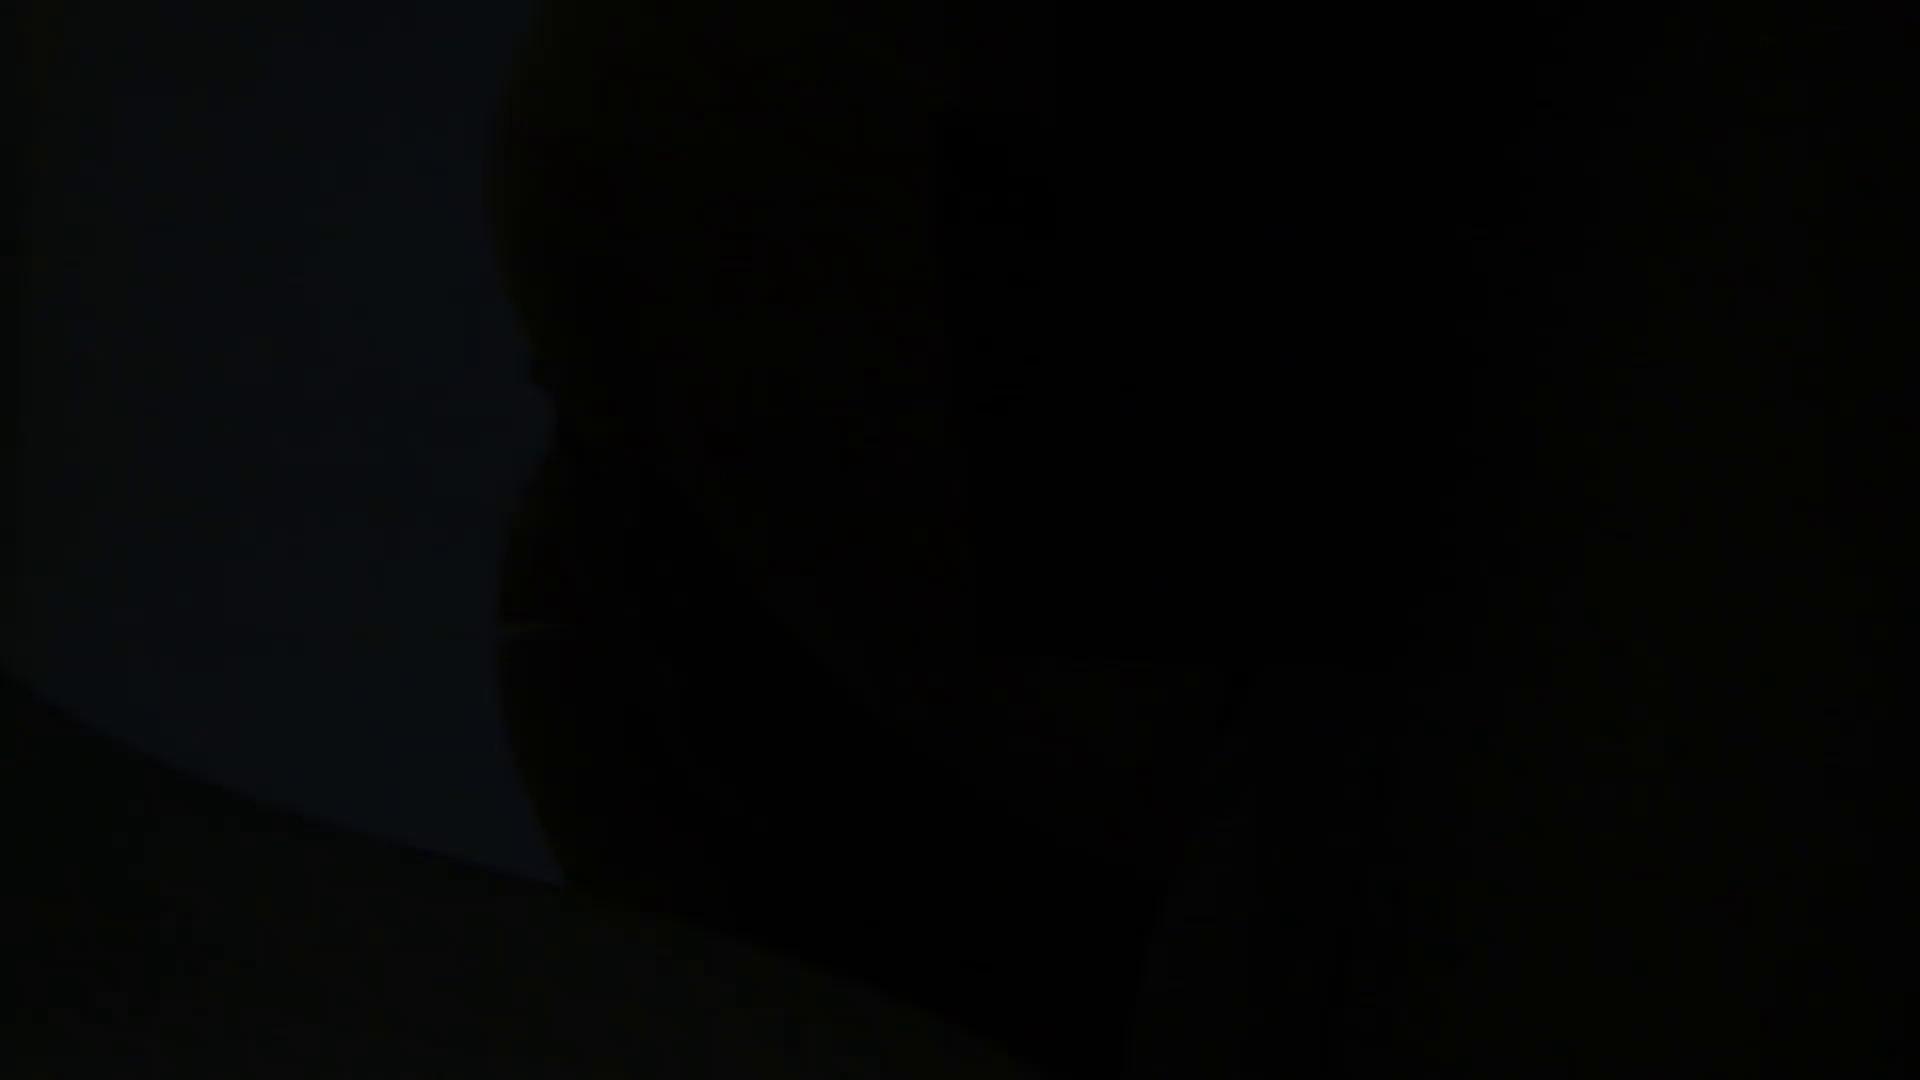 ギャルのツルピカ潜入盗撮!Vol.10 HなOL おまんこ無修正動画無料 113pic 50